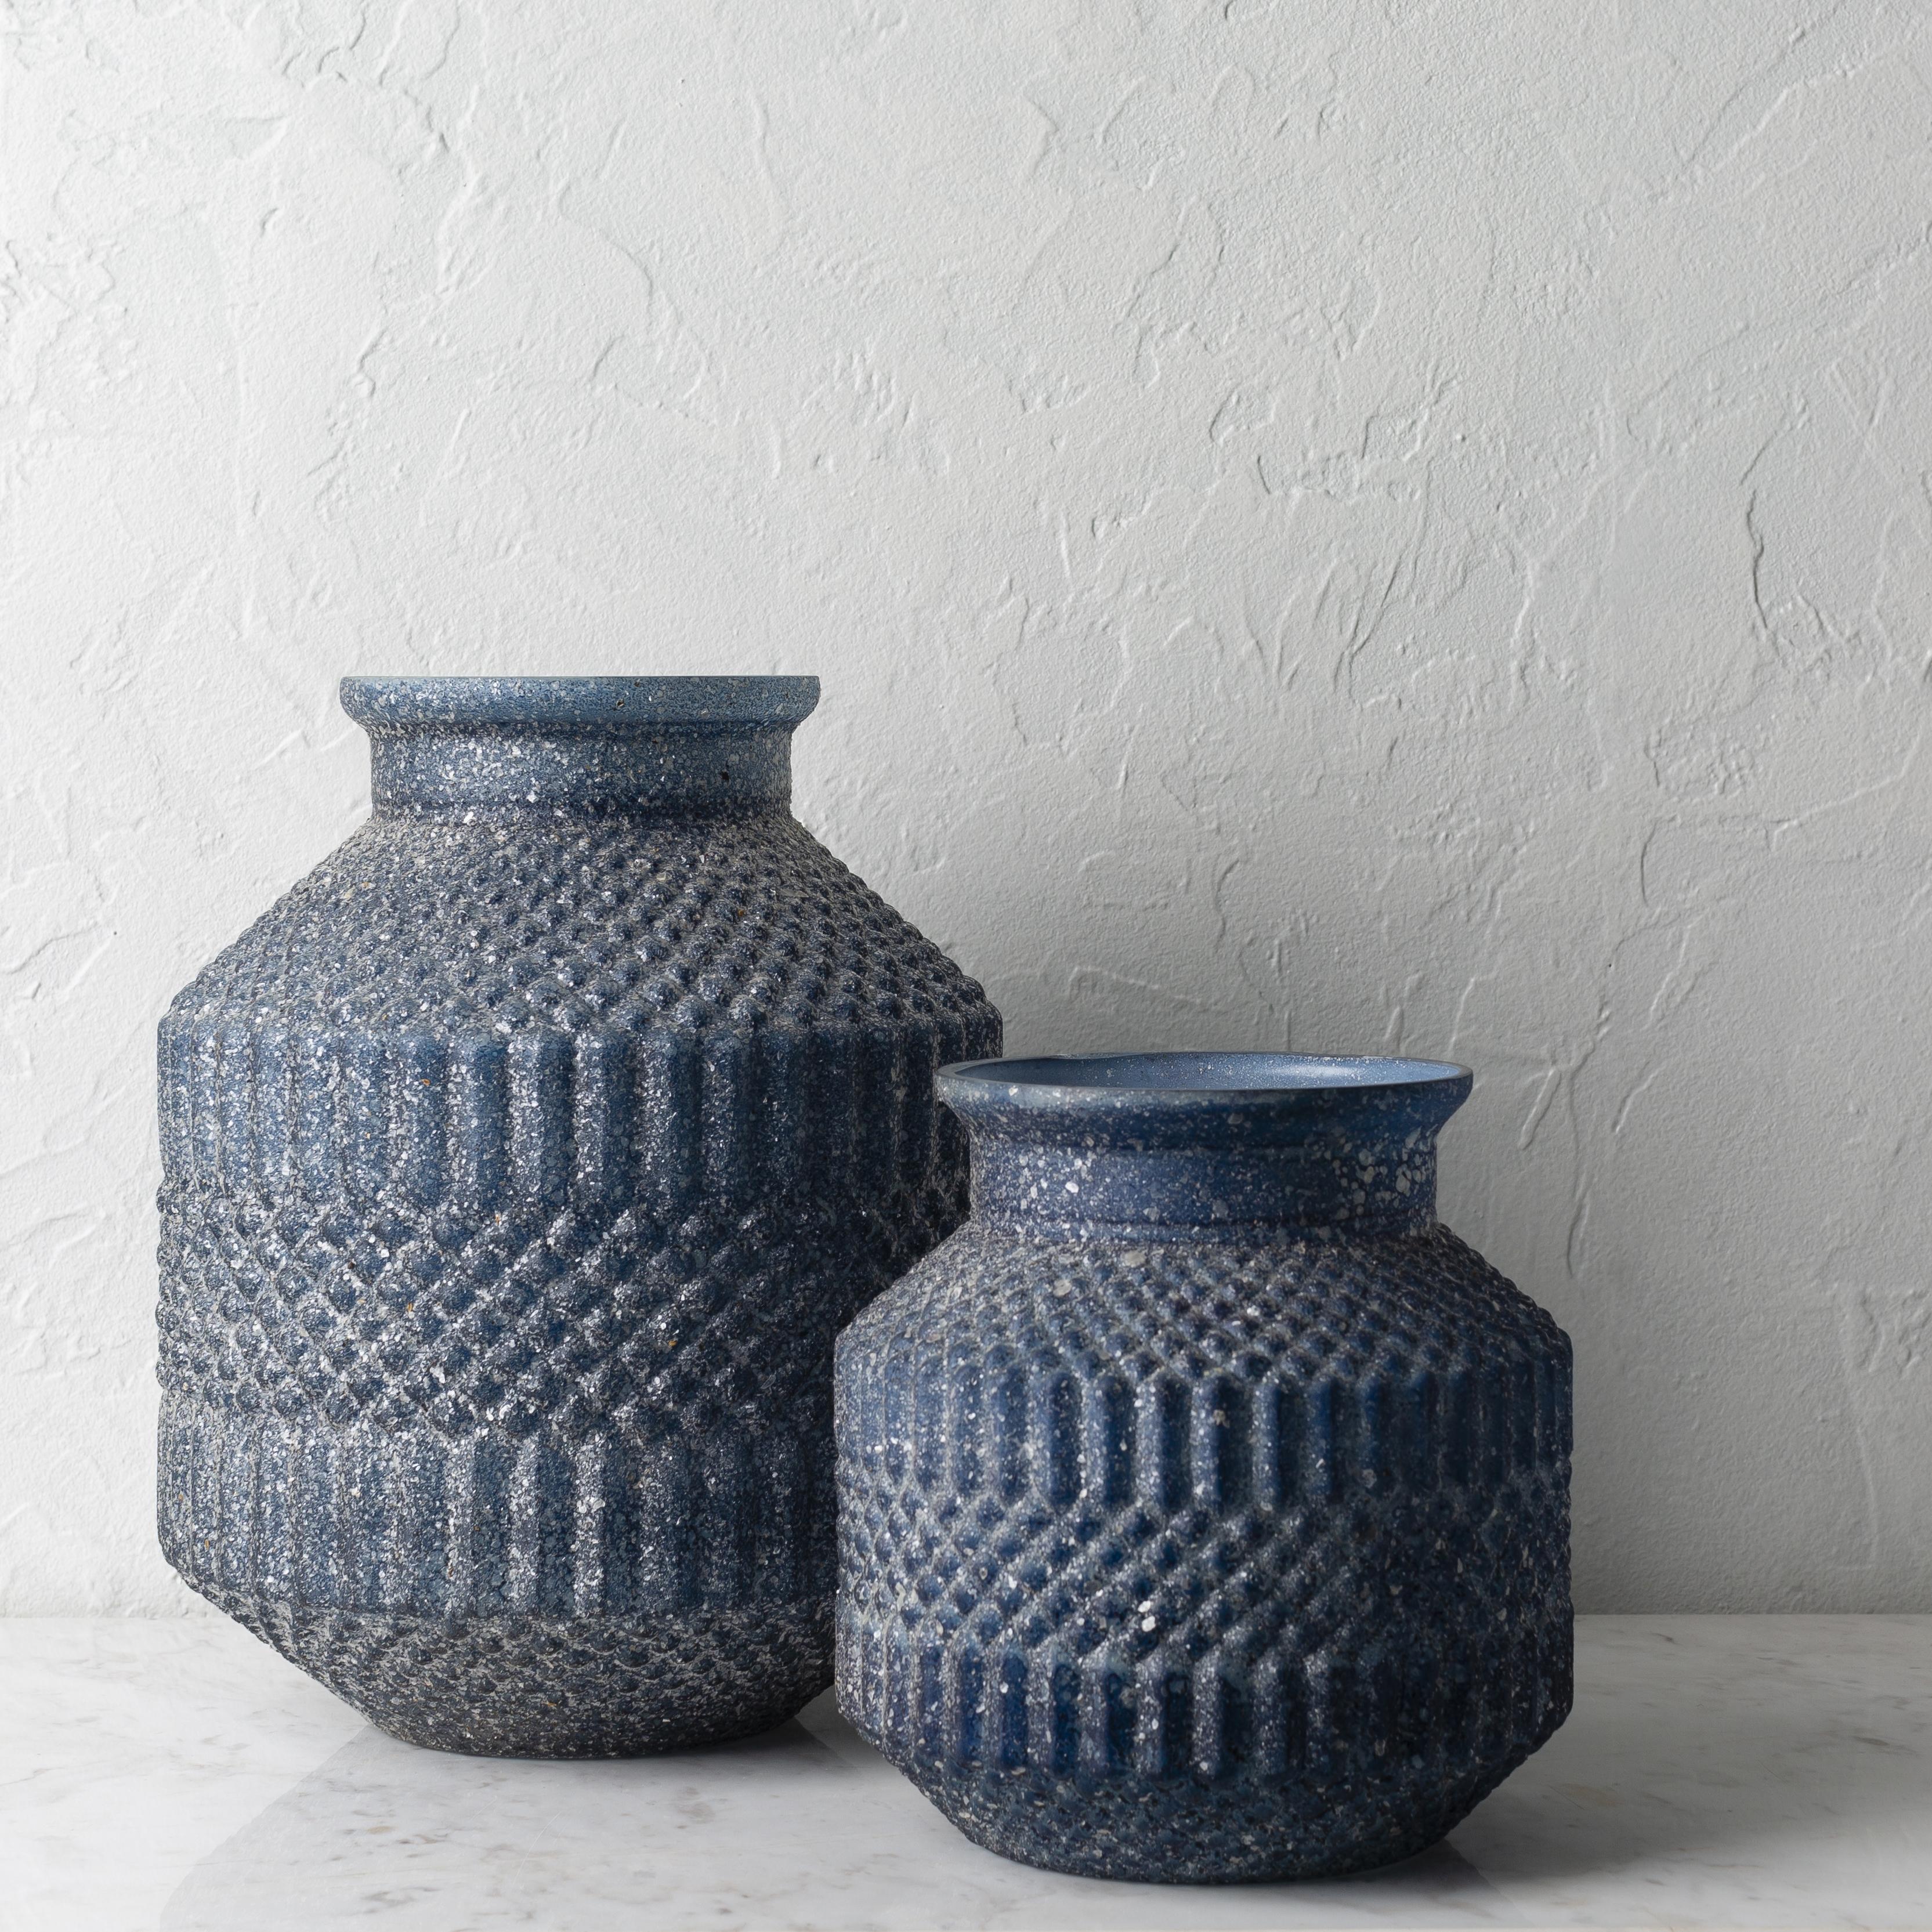 Catalana Vases